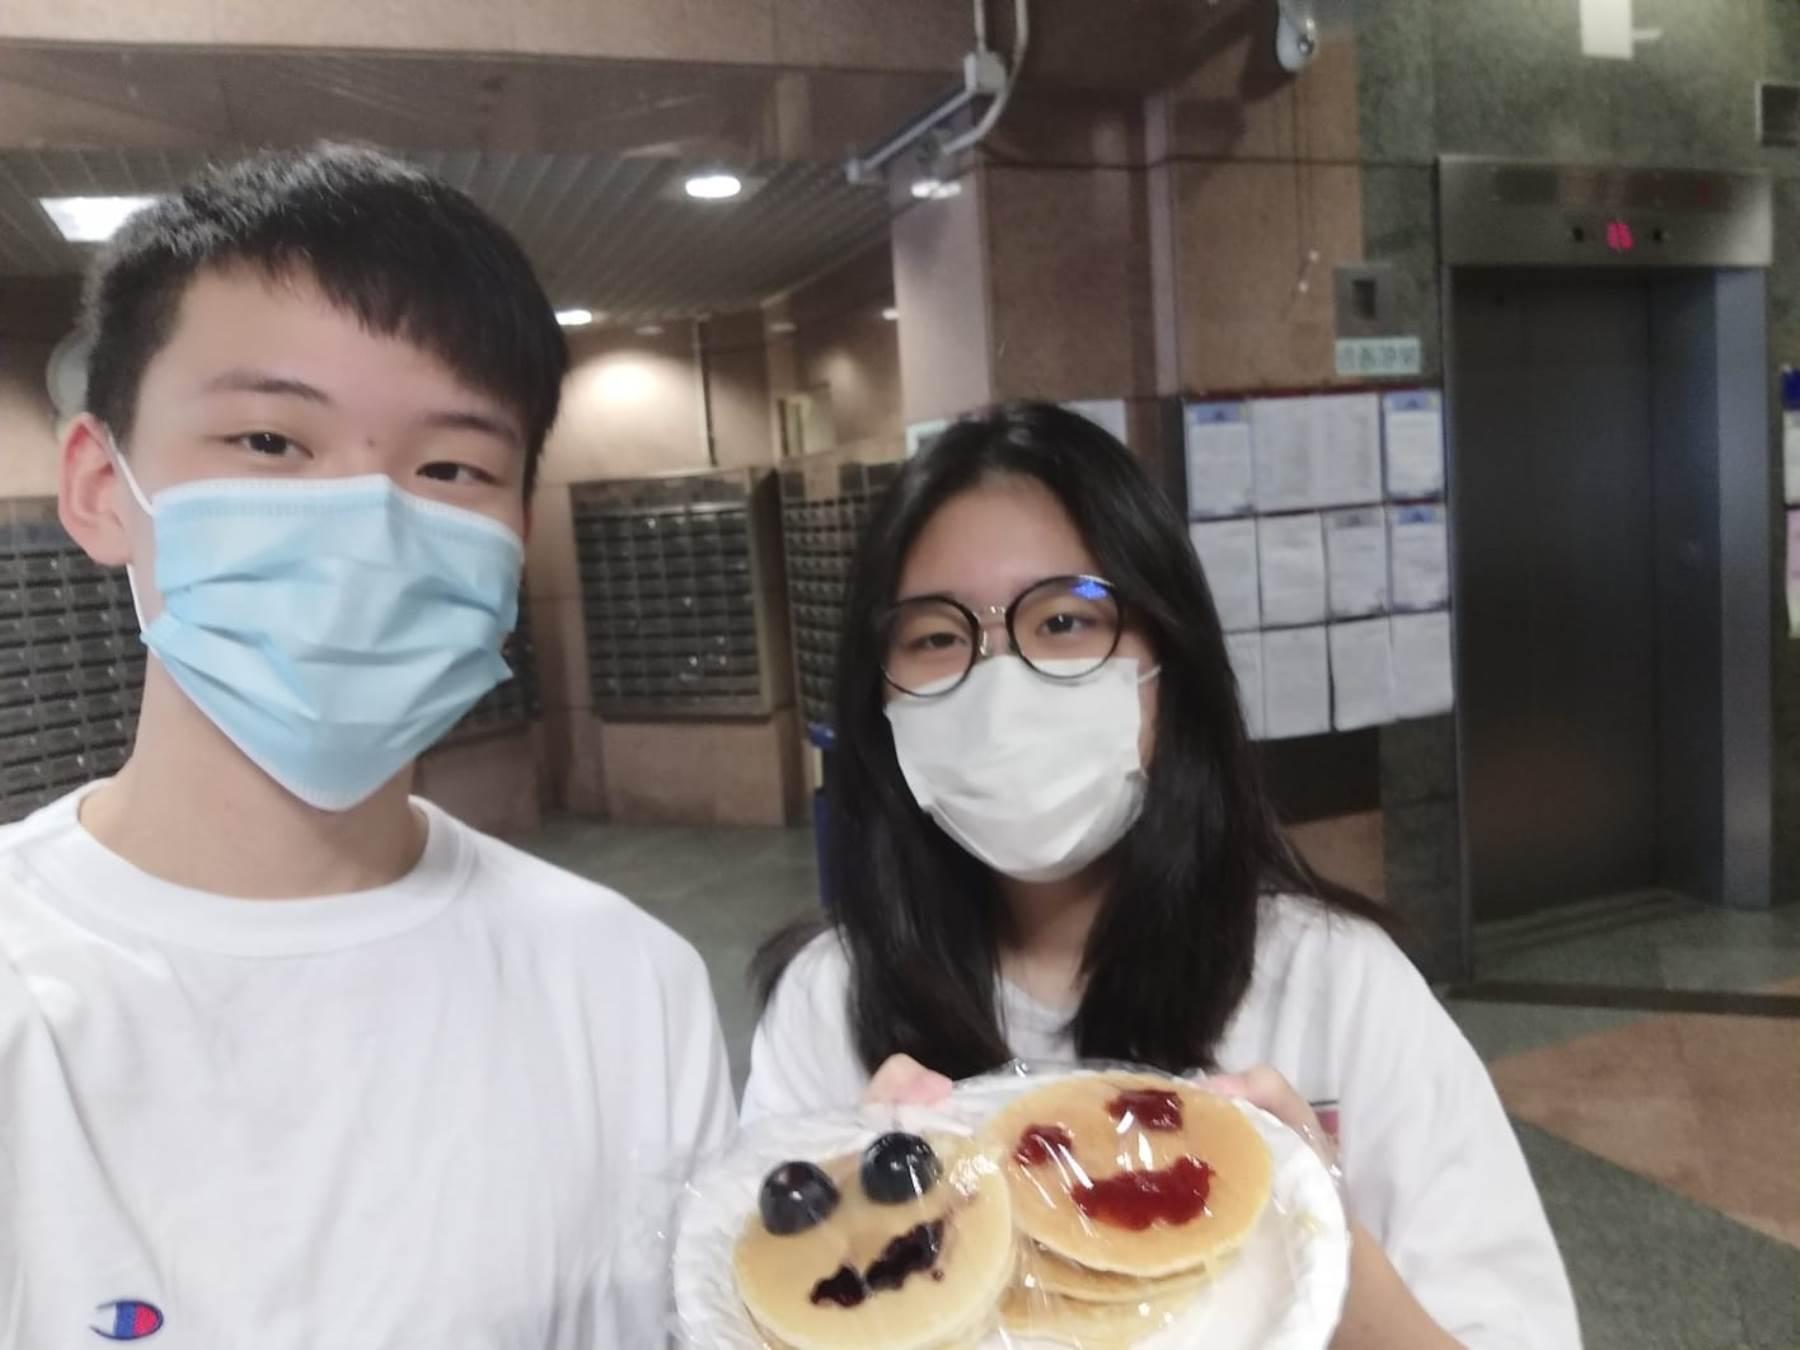 http://www.npc.edu.hk/sites/default/files/wu_jia_zheng_2.jpeg